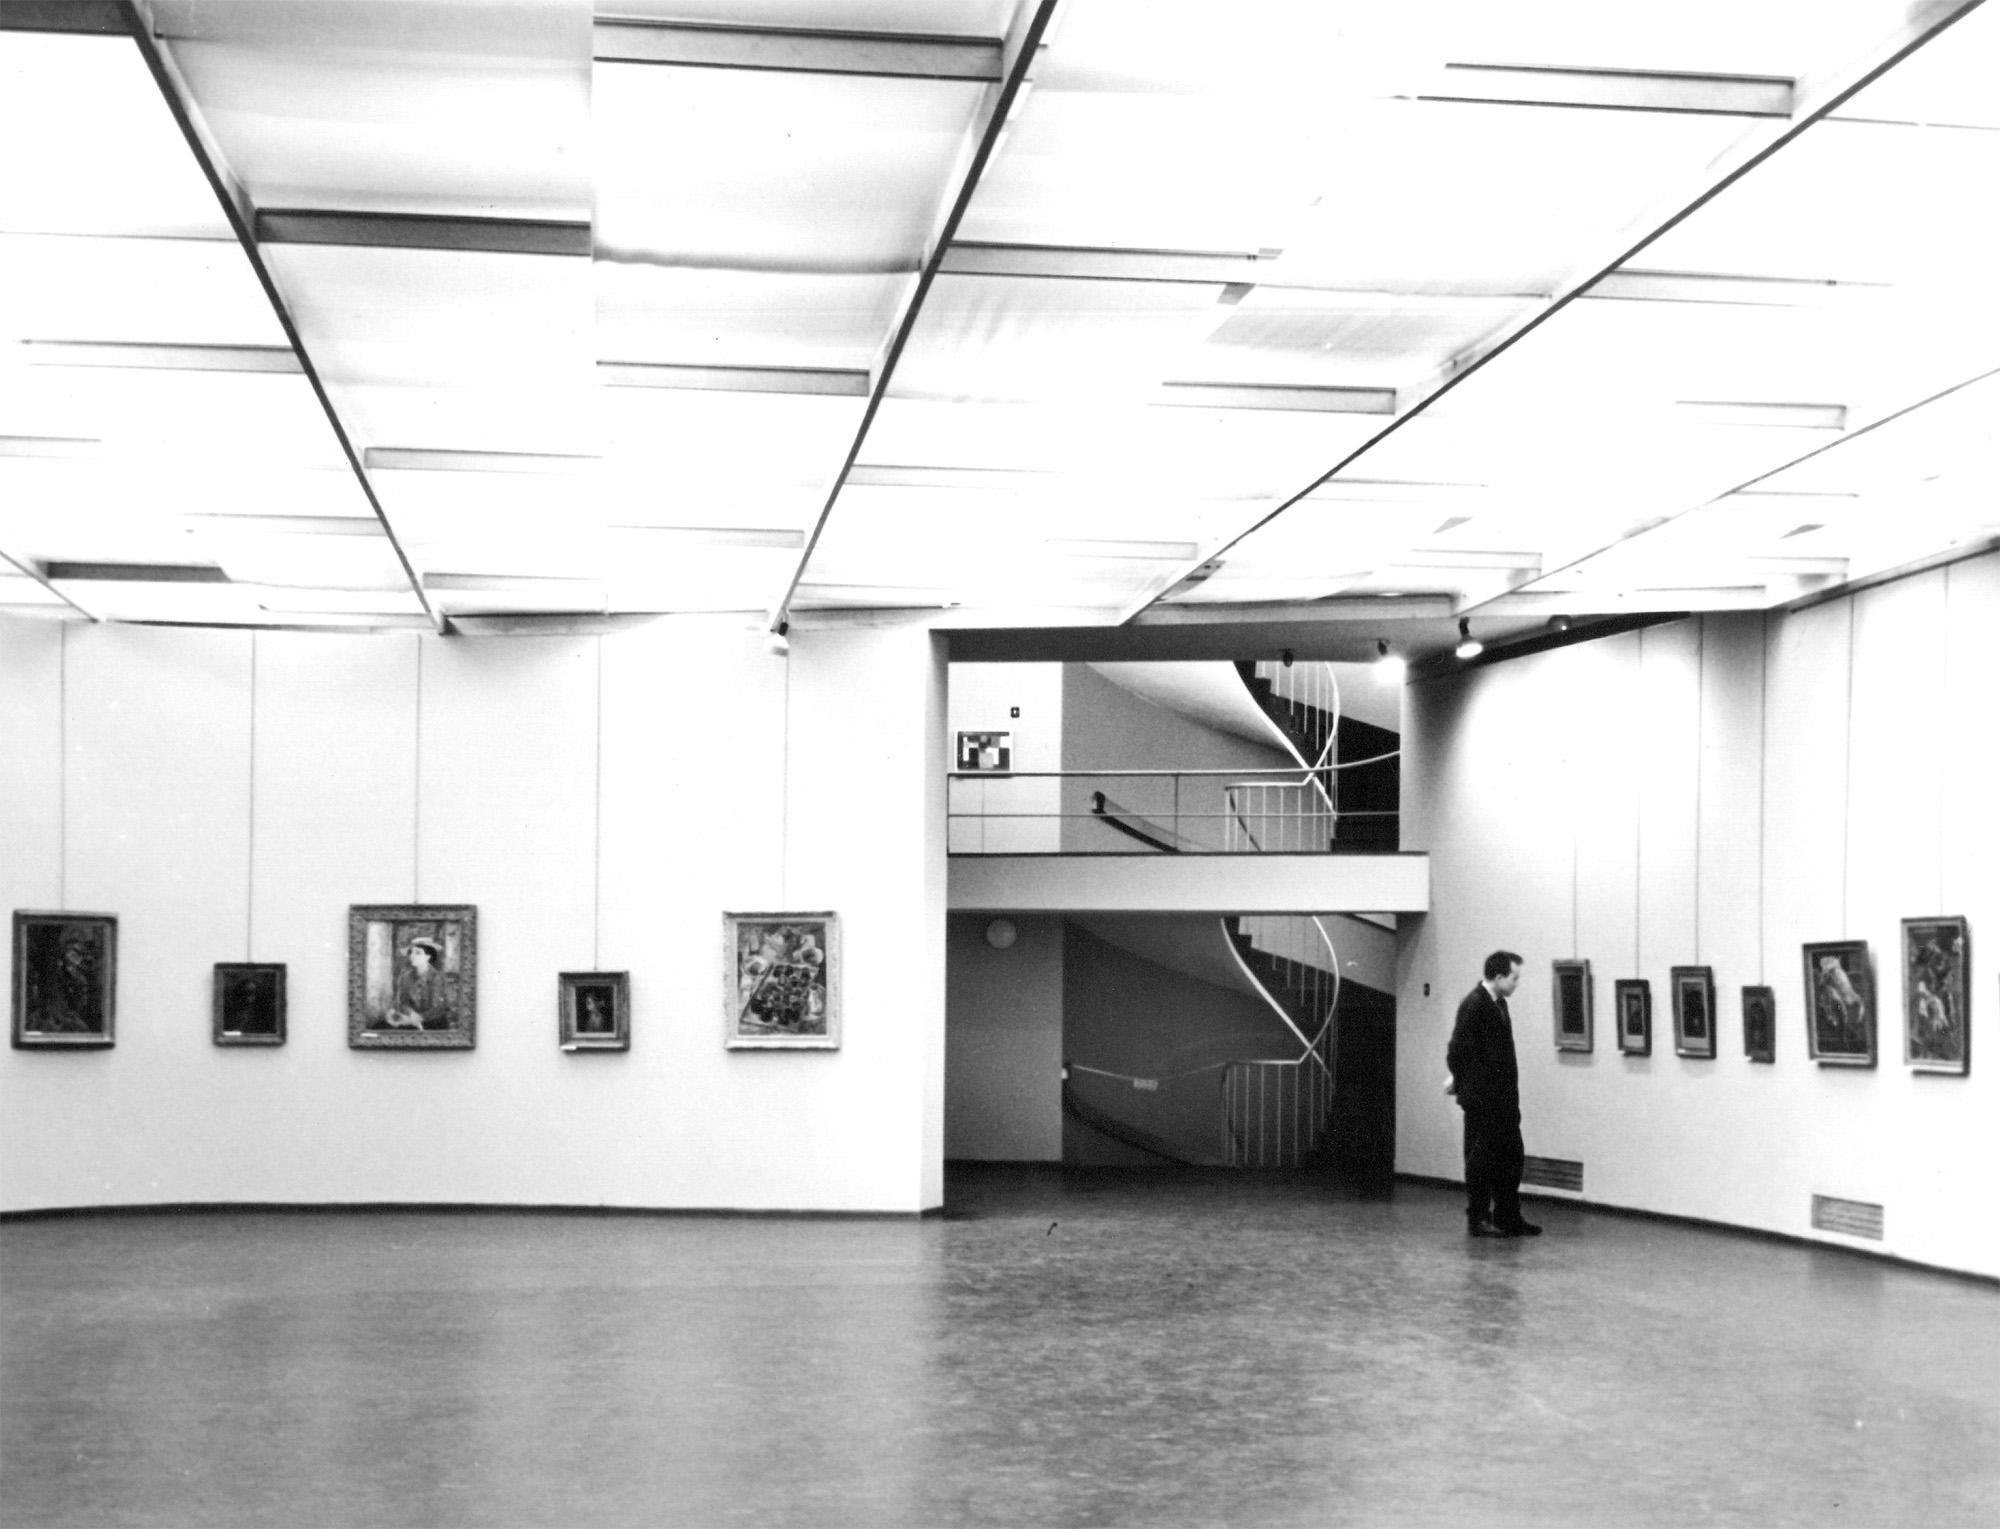 Sala wystawiennicza na parterze MPW z widokiem na krętą klatkę schodową, lata 60. XX wieku, fot. D. Zawadzki, z zasobu Archiwum Galerii Bunkier Sztuki